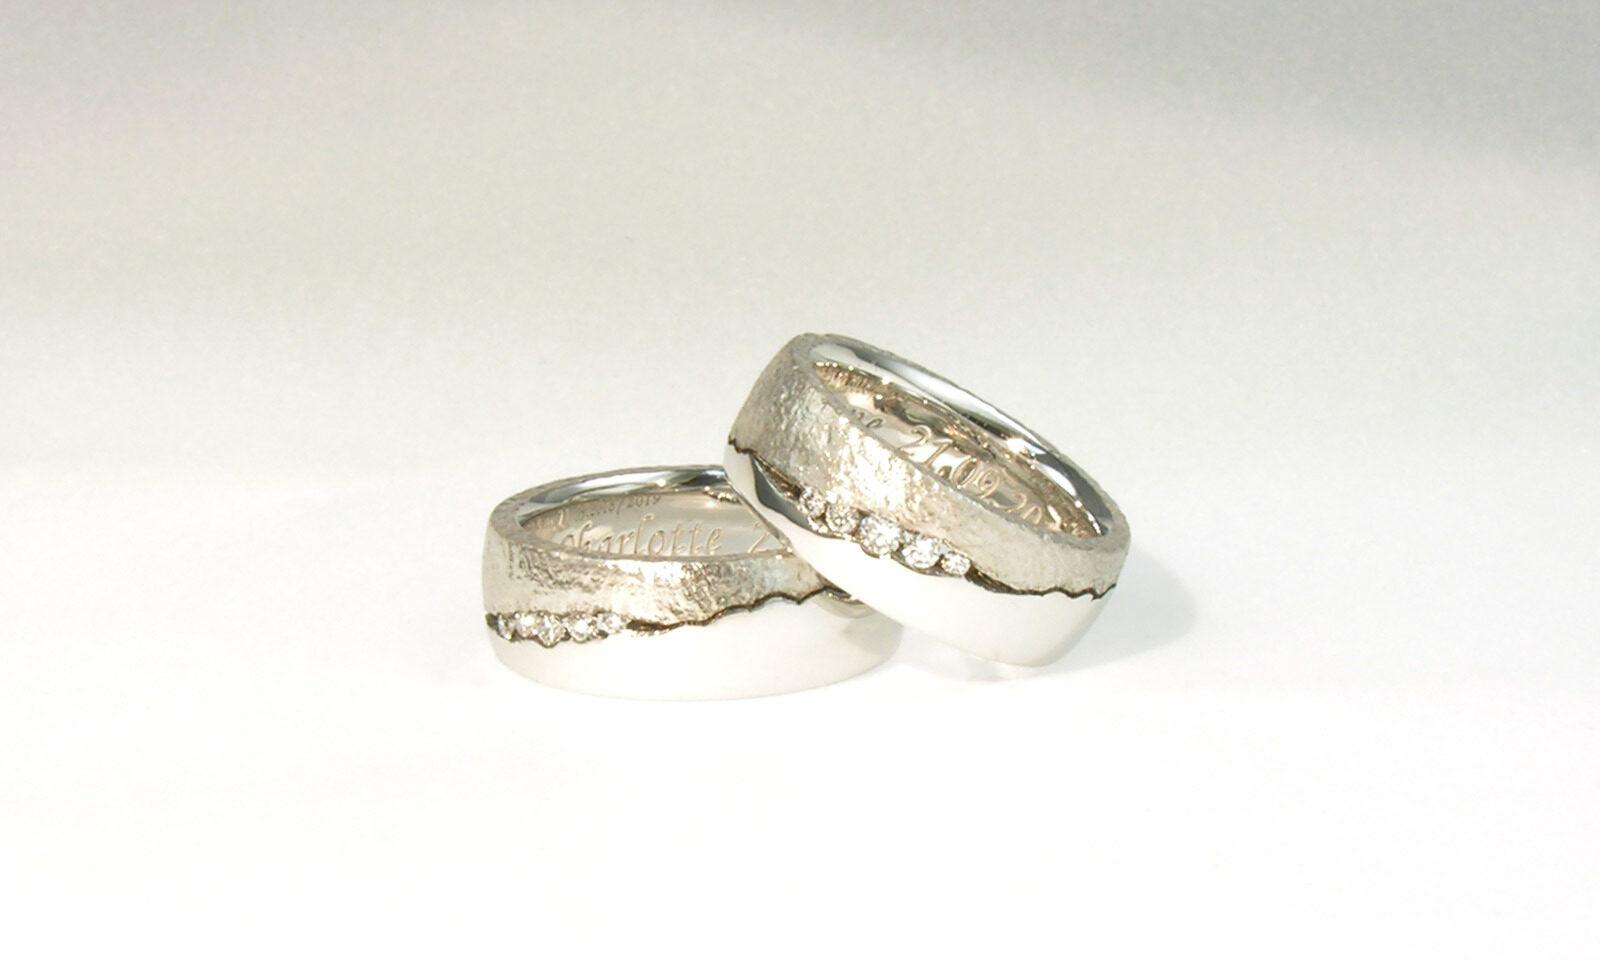 Weissgold Diamanten. Trauringe Weissgold 750 und Brillanten, individuelle Anfertigung für Kundinnen